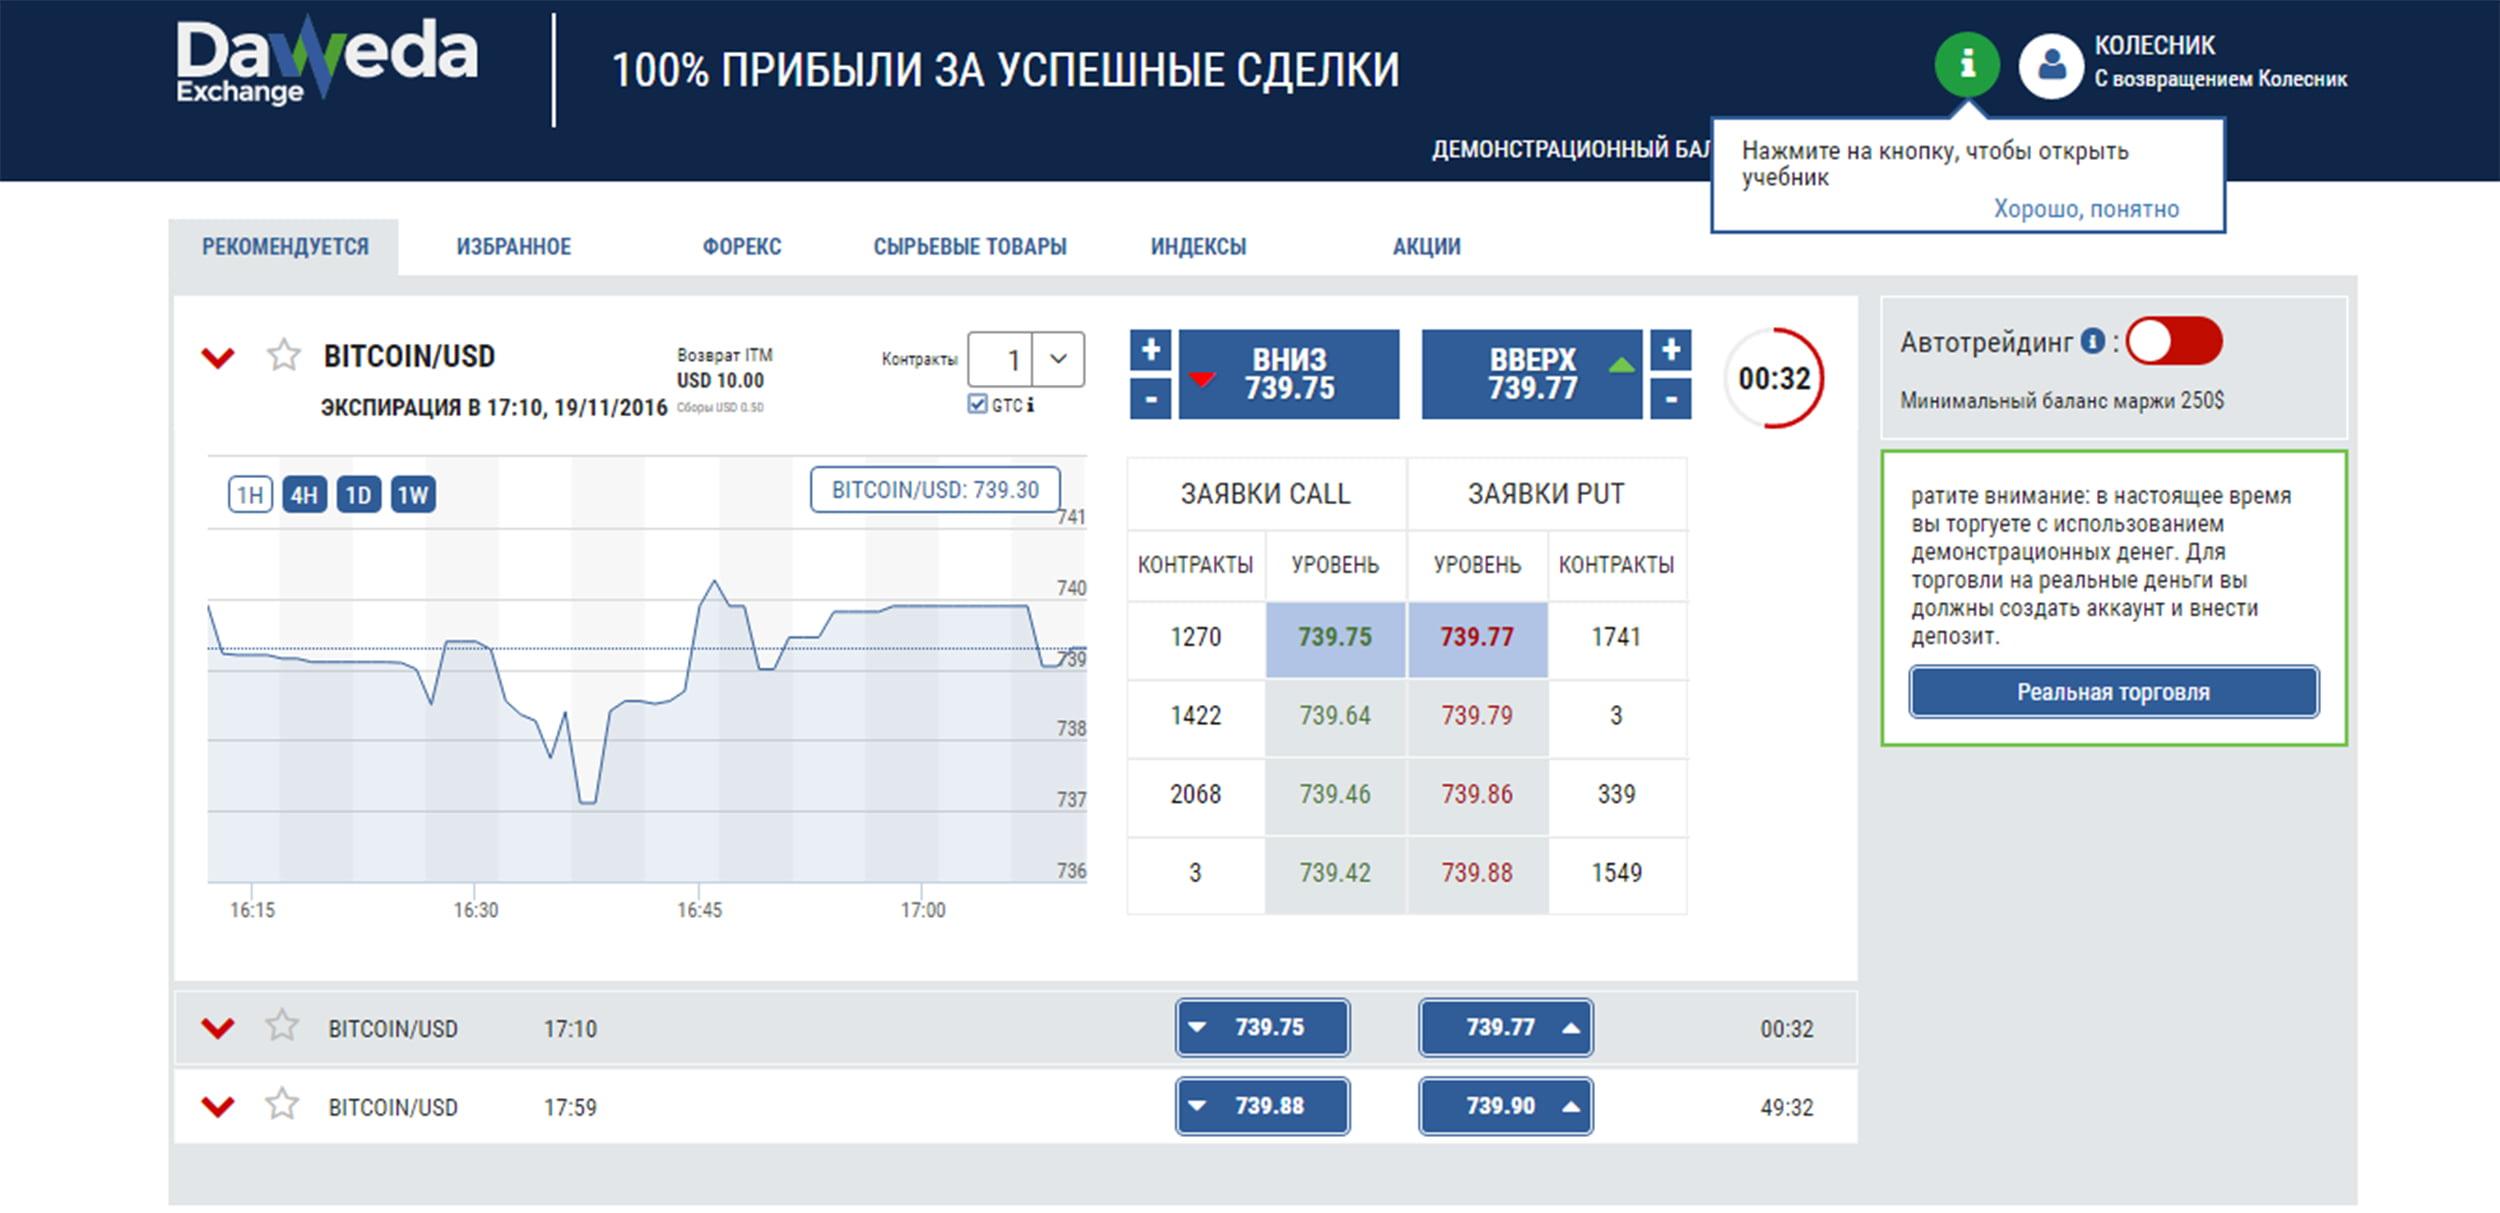 Торговая платформа Daweda Exchange